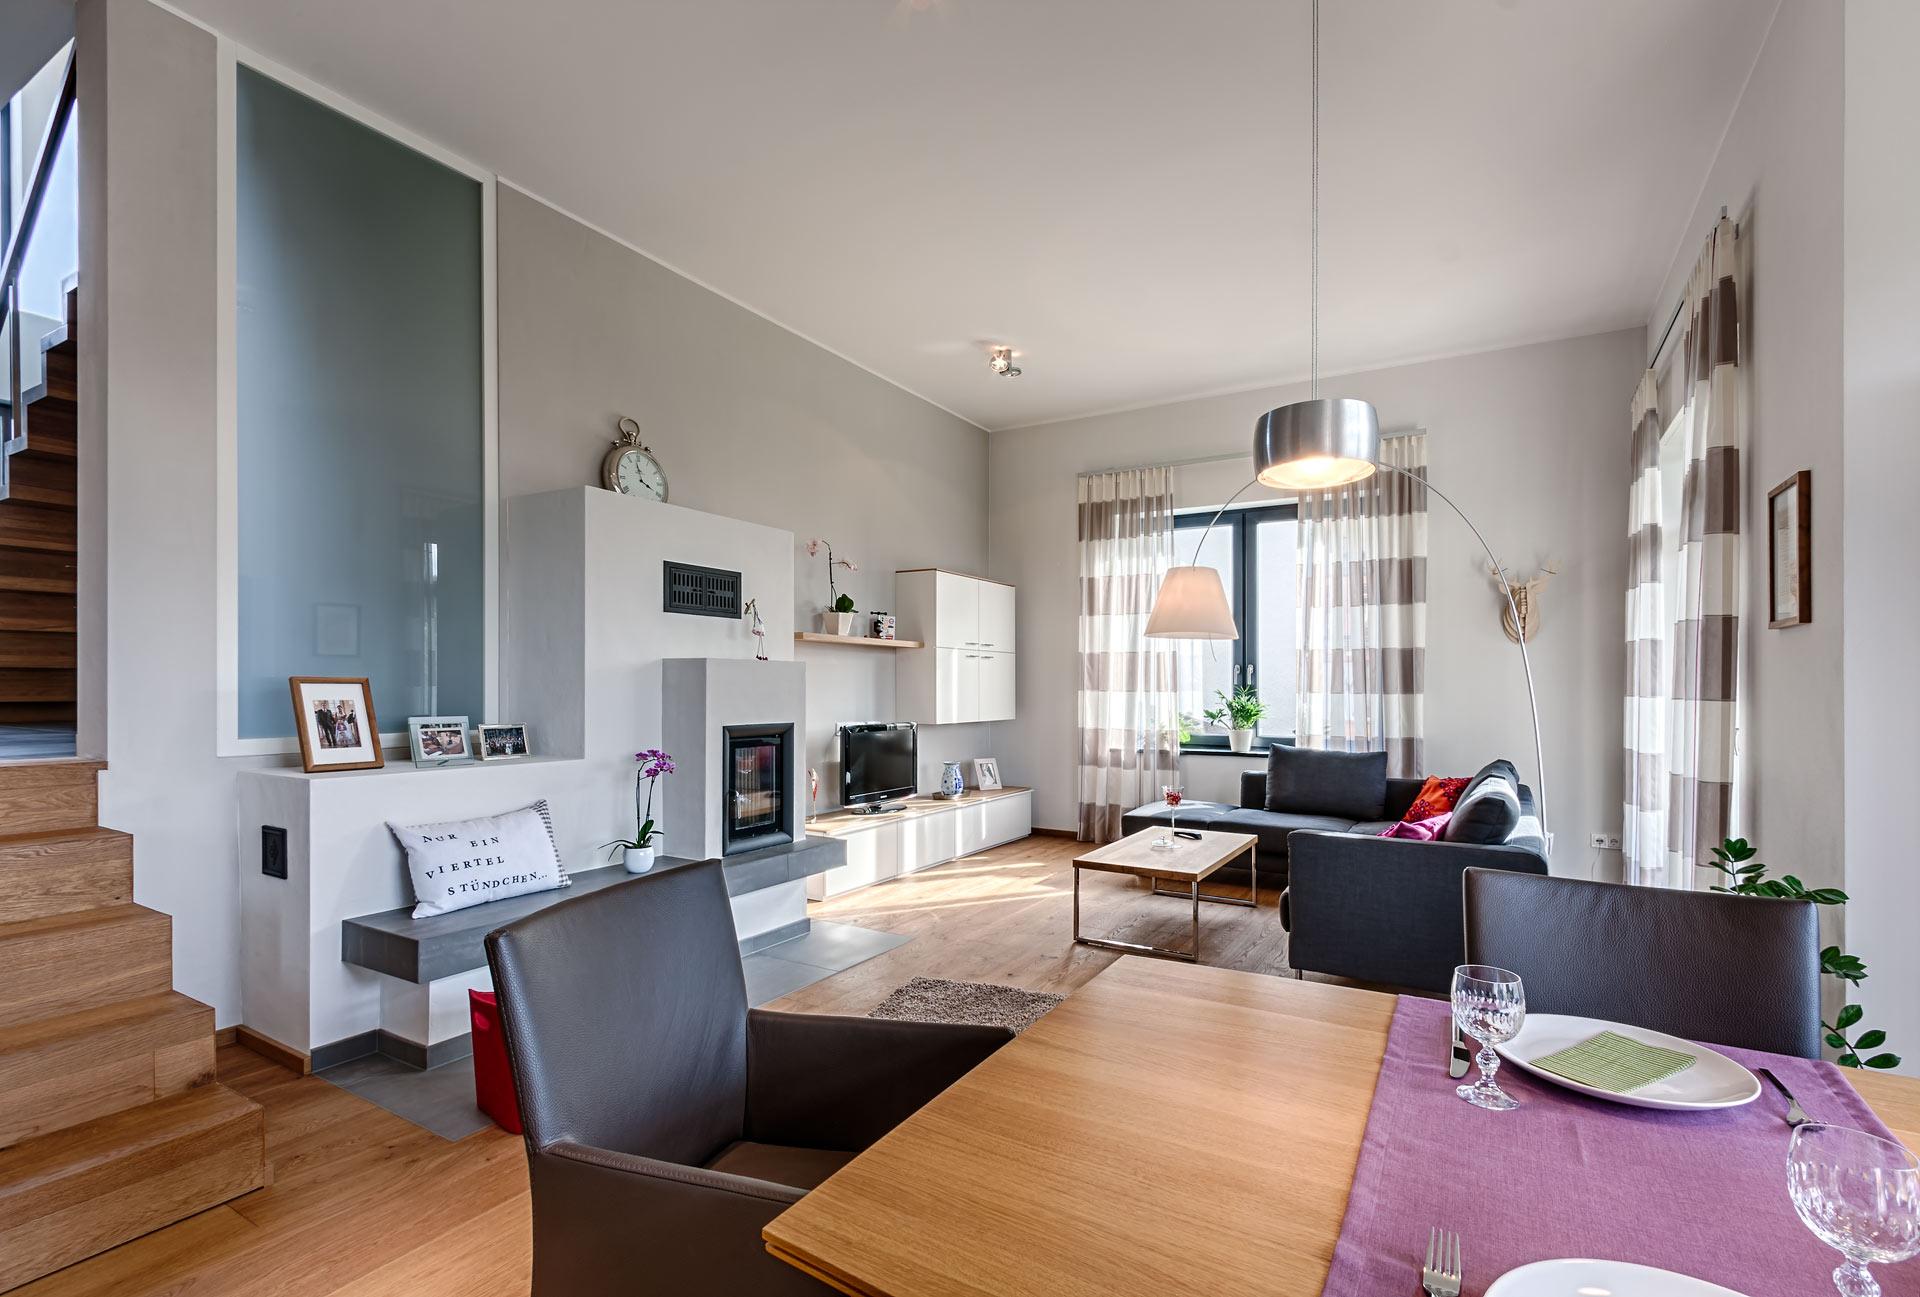 Architekt marco pieper architektur die gestaltet for Einfamilienhaus innenansicht